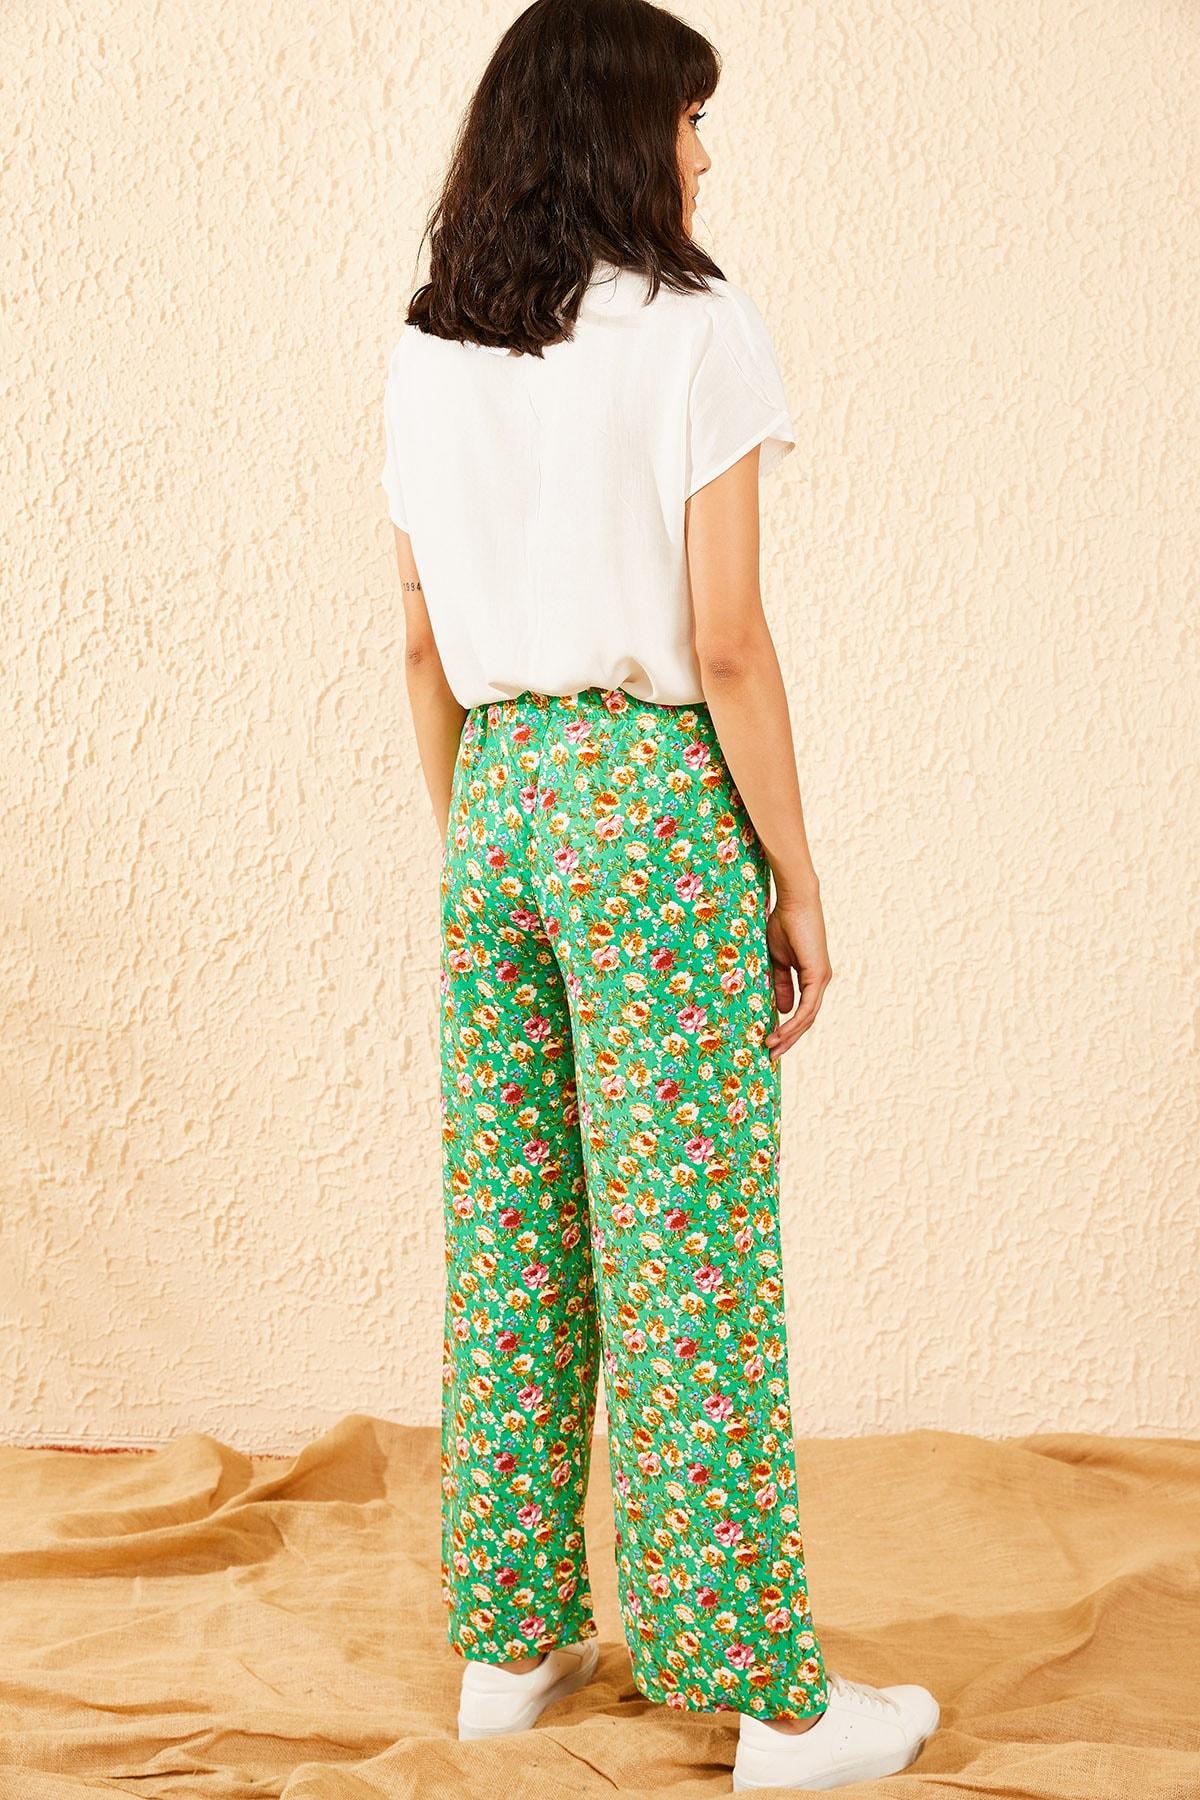 Bianco Lucci Kadın Yeşil Çiçek Desenli Beli Lastikli Bol Paça Pantolon 10081051 3